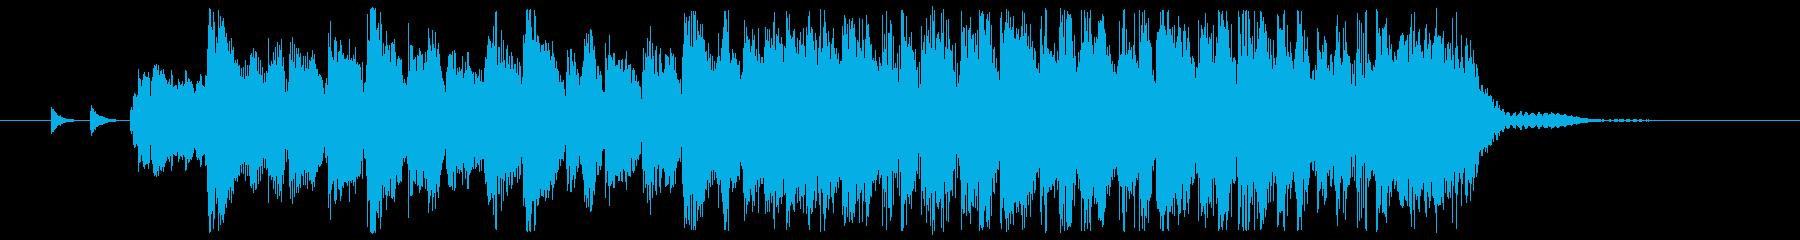 ギターとホーンセクションのロックジングルの再生済みの波形